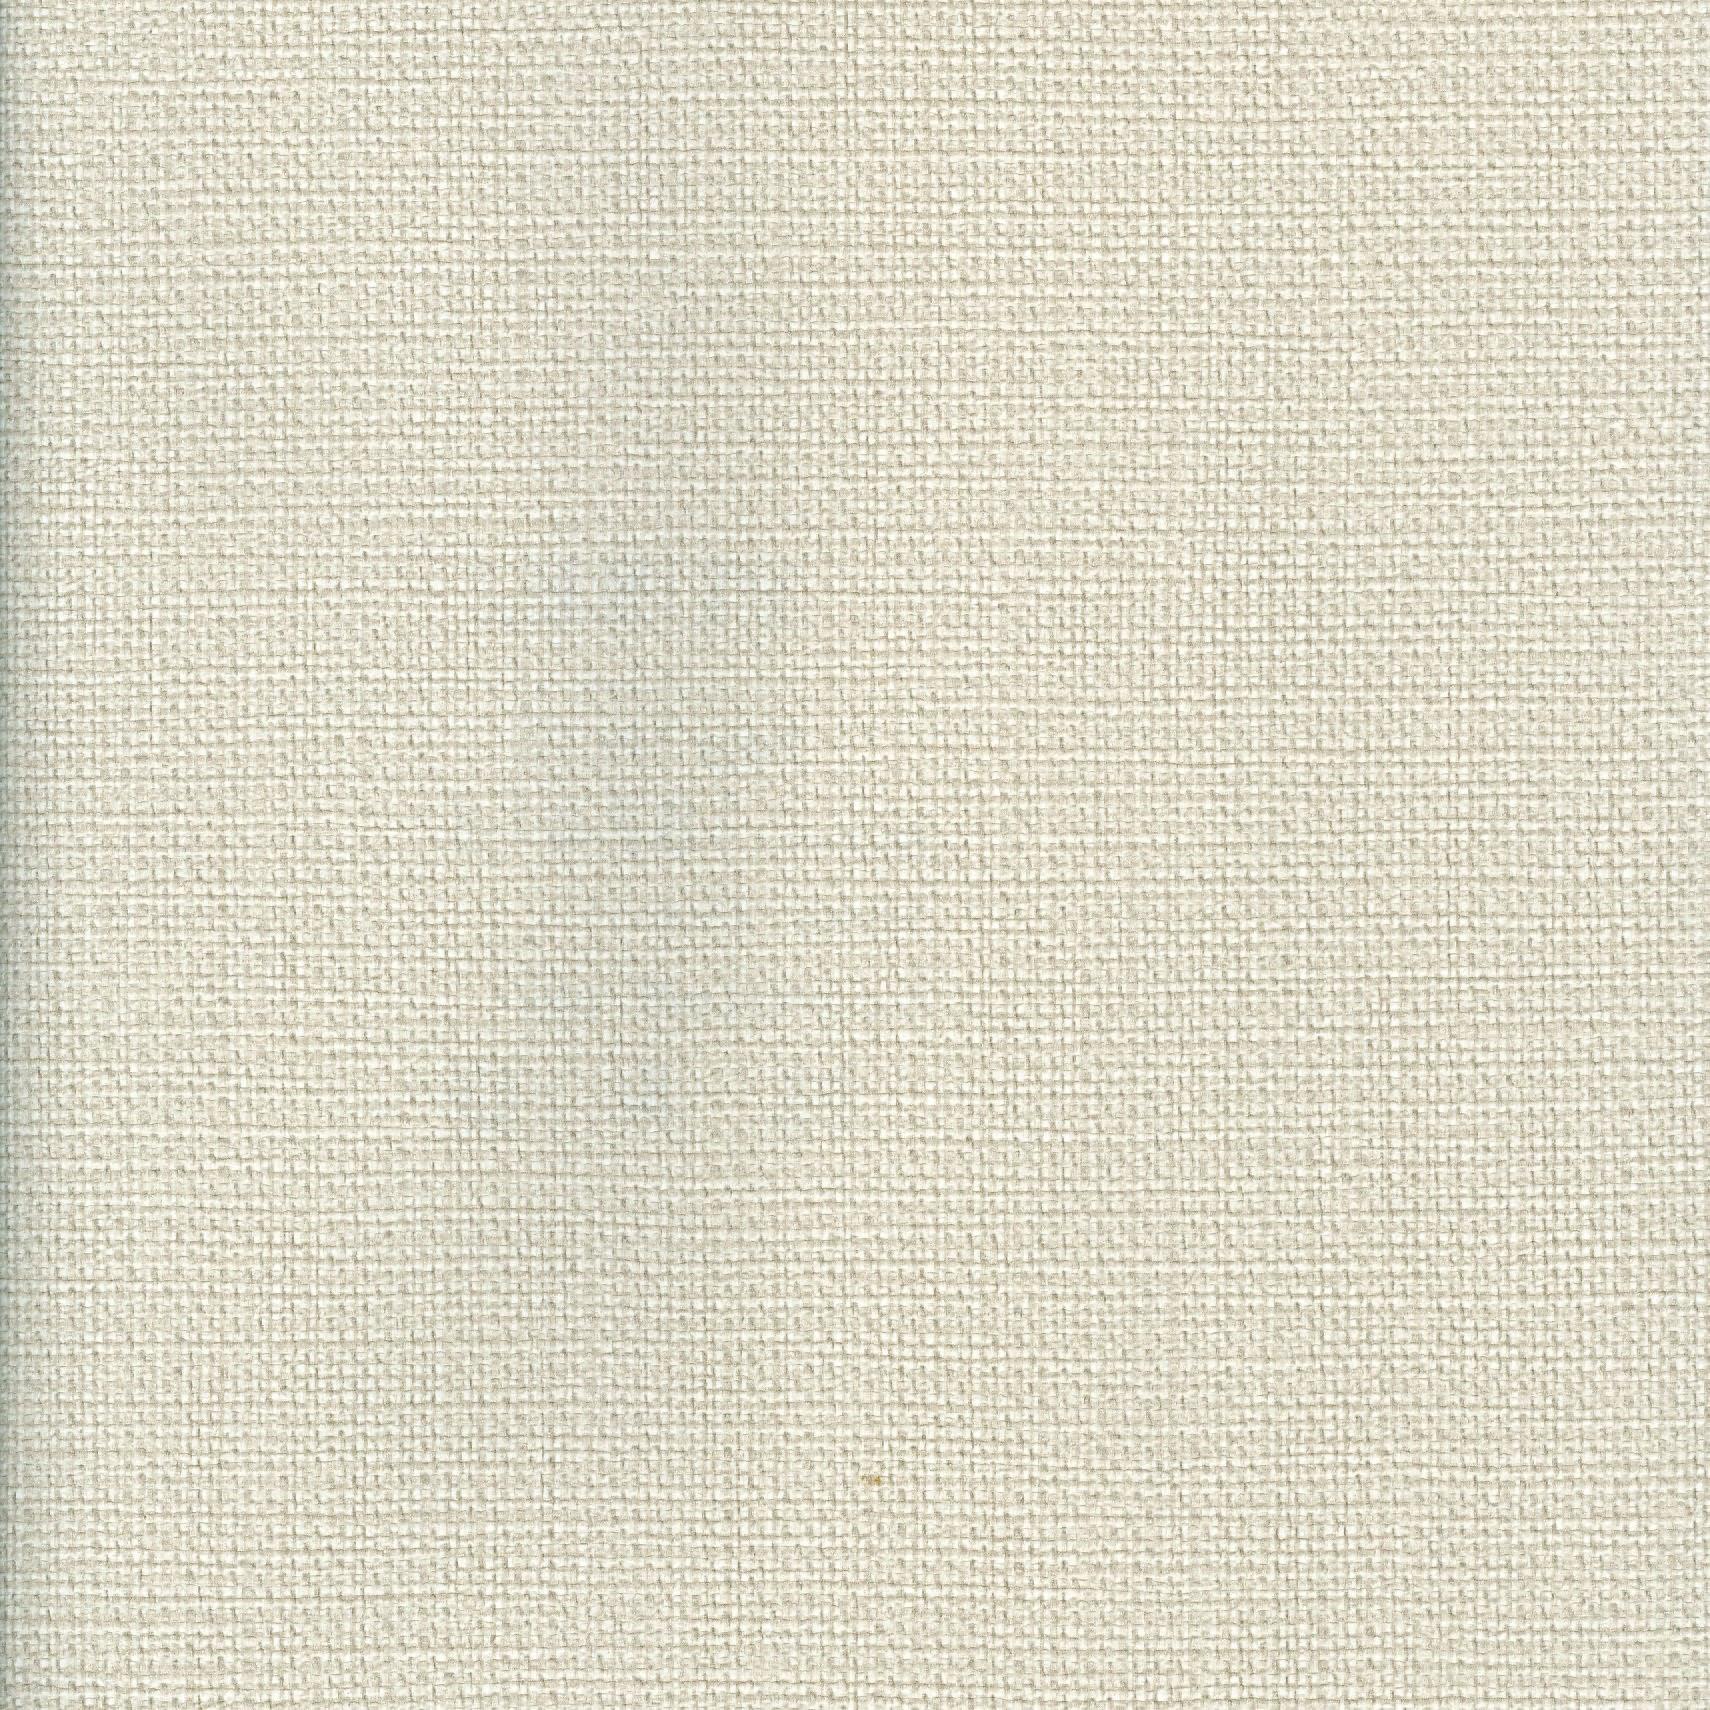 Papel de Parede Pure 2 Tramas Texturado 187414 - Rolo: 10m x 0,53m